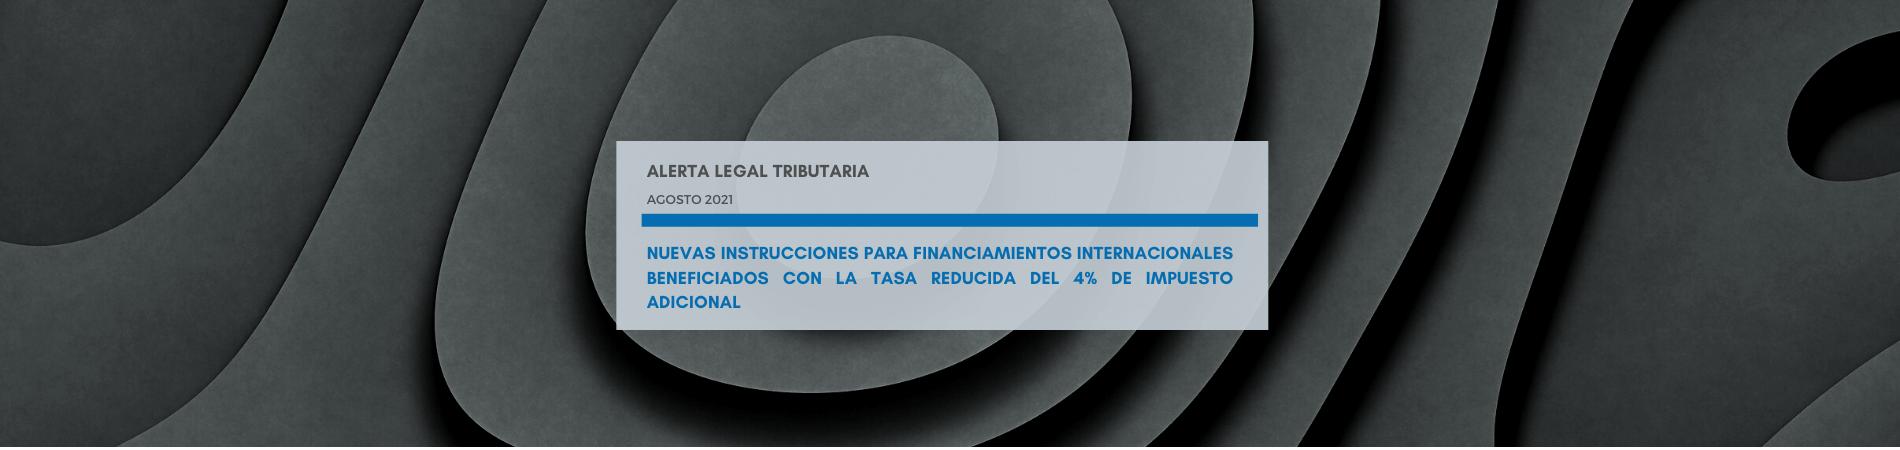 Alerta Legal | Nuevas instrucciones para financiamientos internacionales beneficiados con la tasa reducida del 4% de impuesto adicional